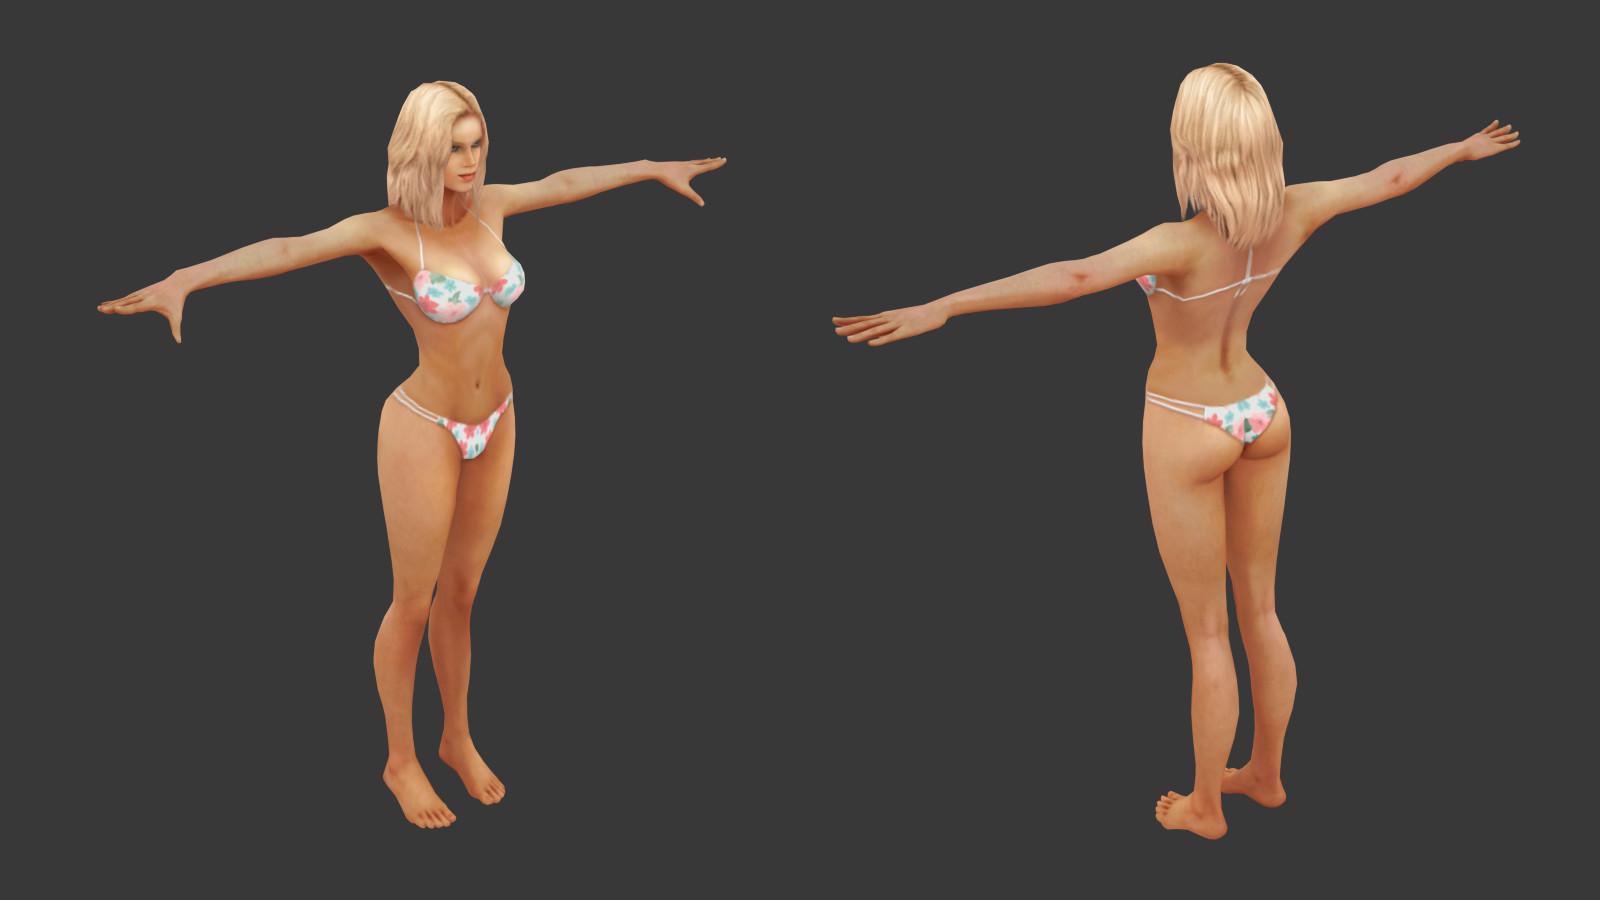 Oziel leal salinas tanned bikini woman 2